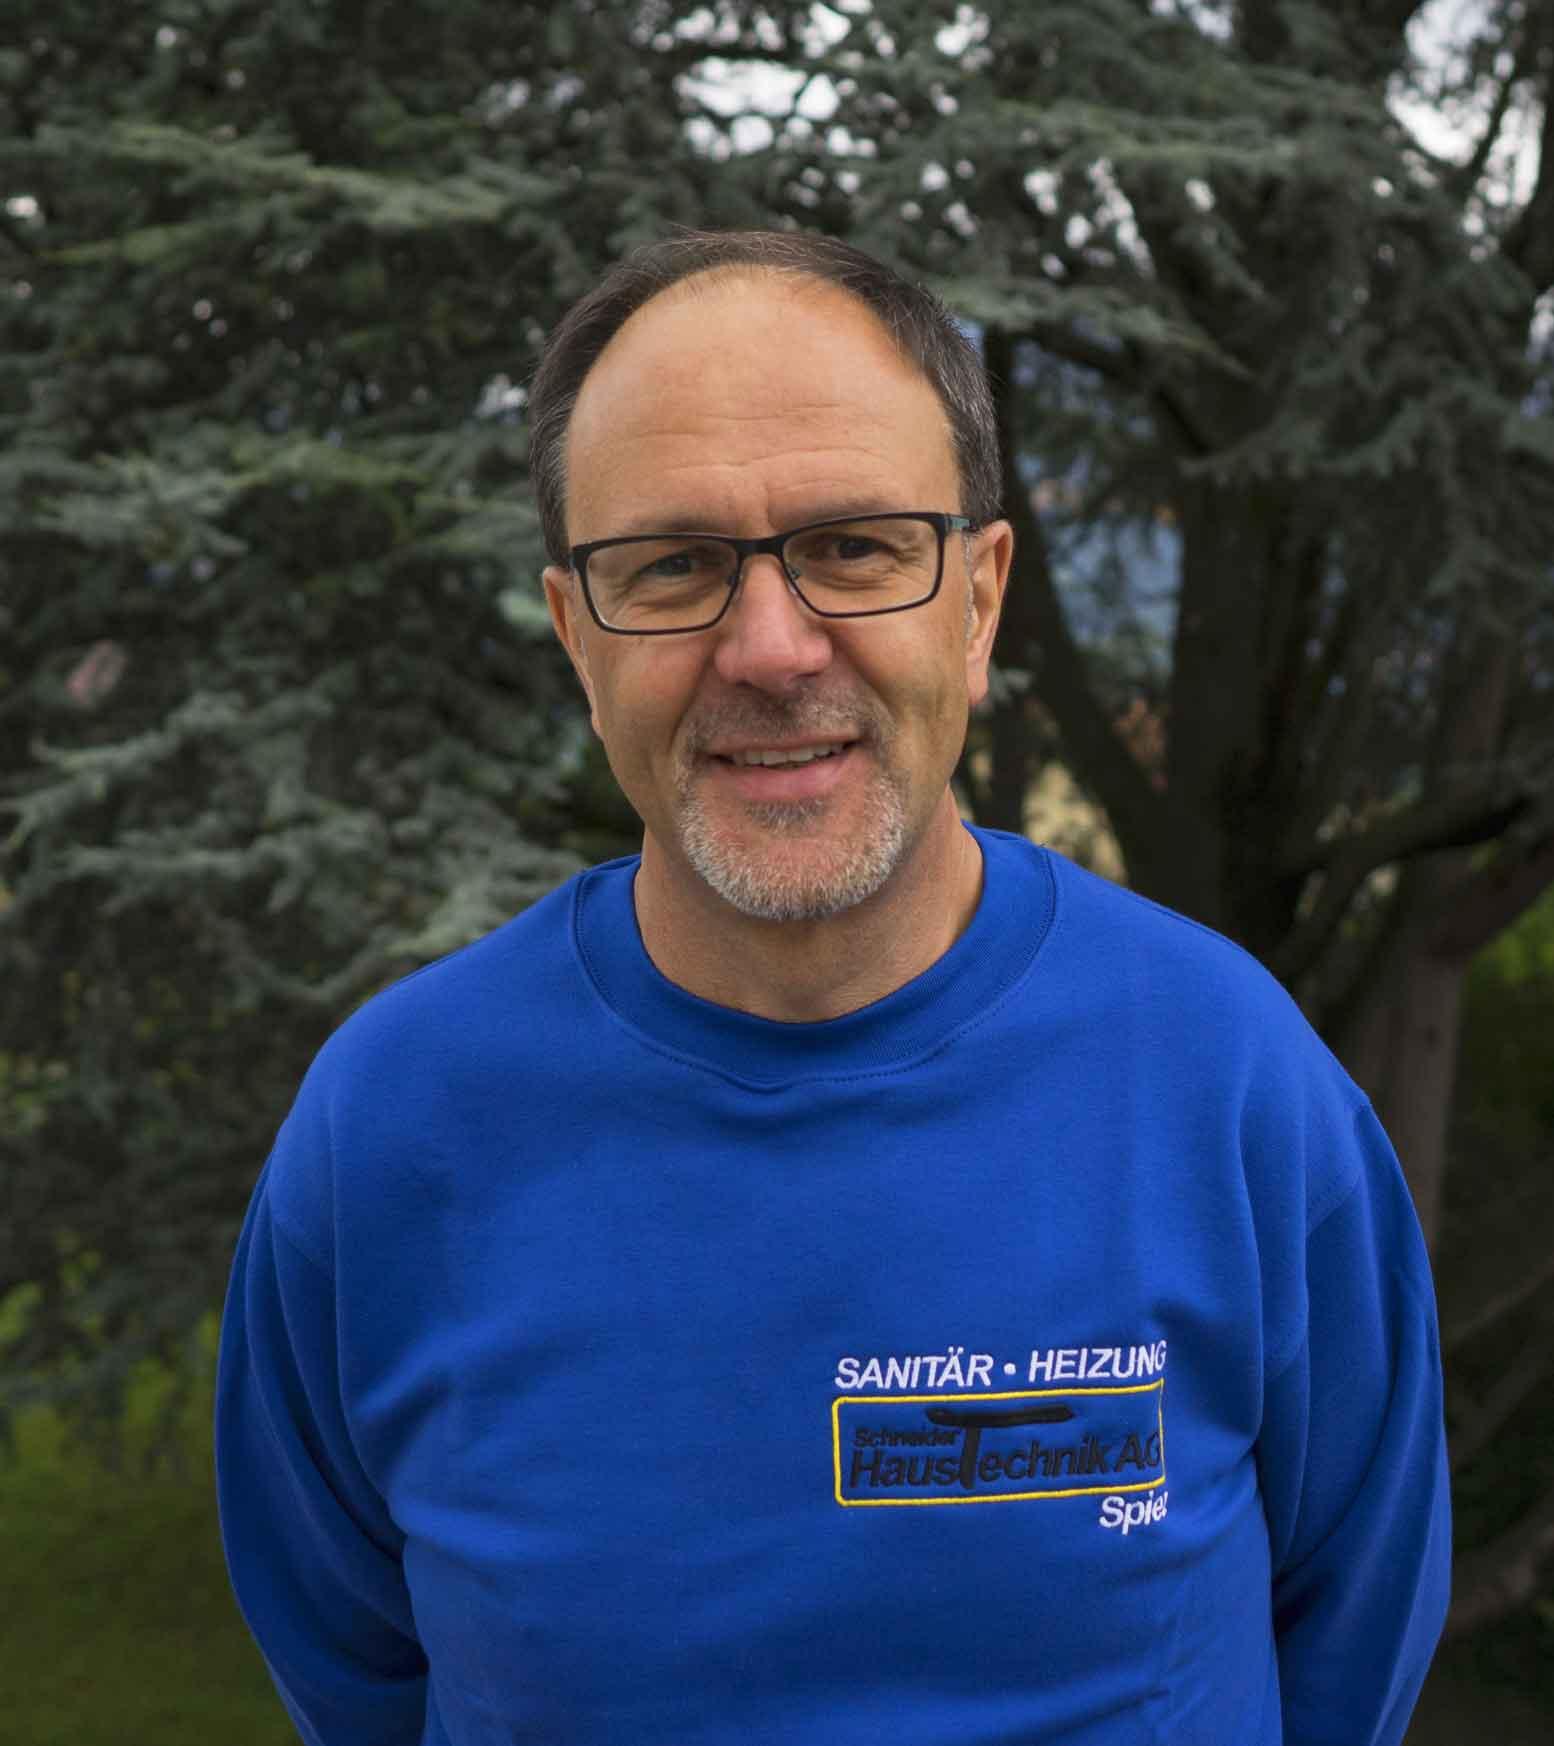 Thomas Spieler